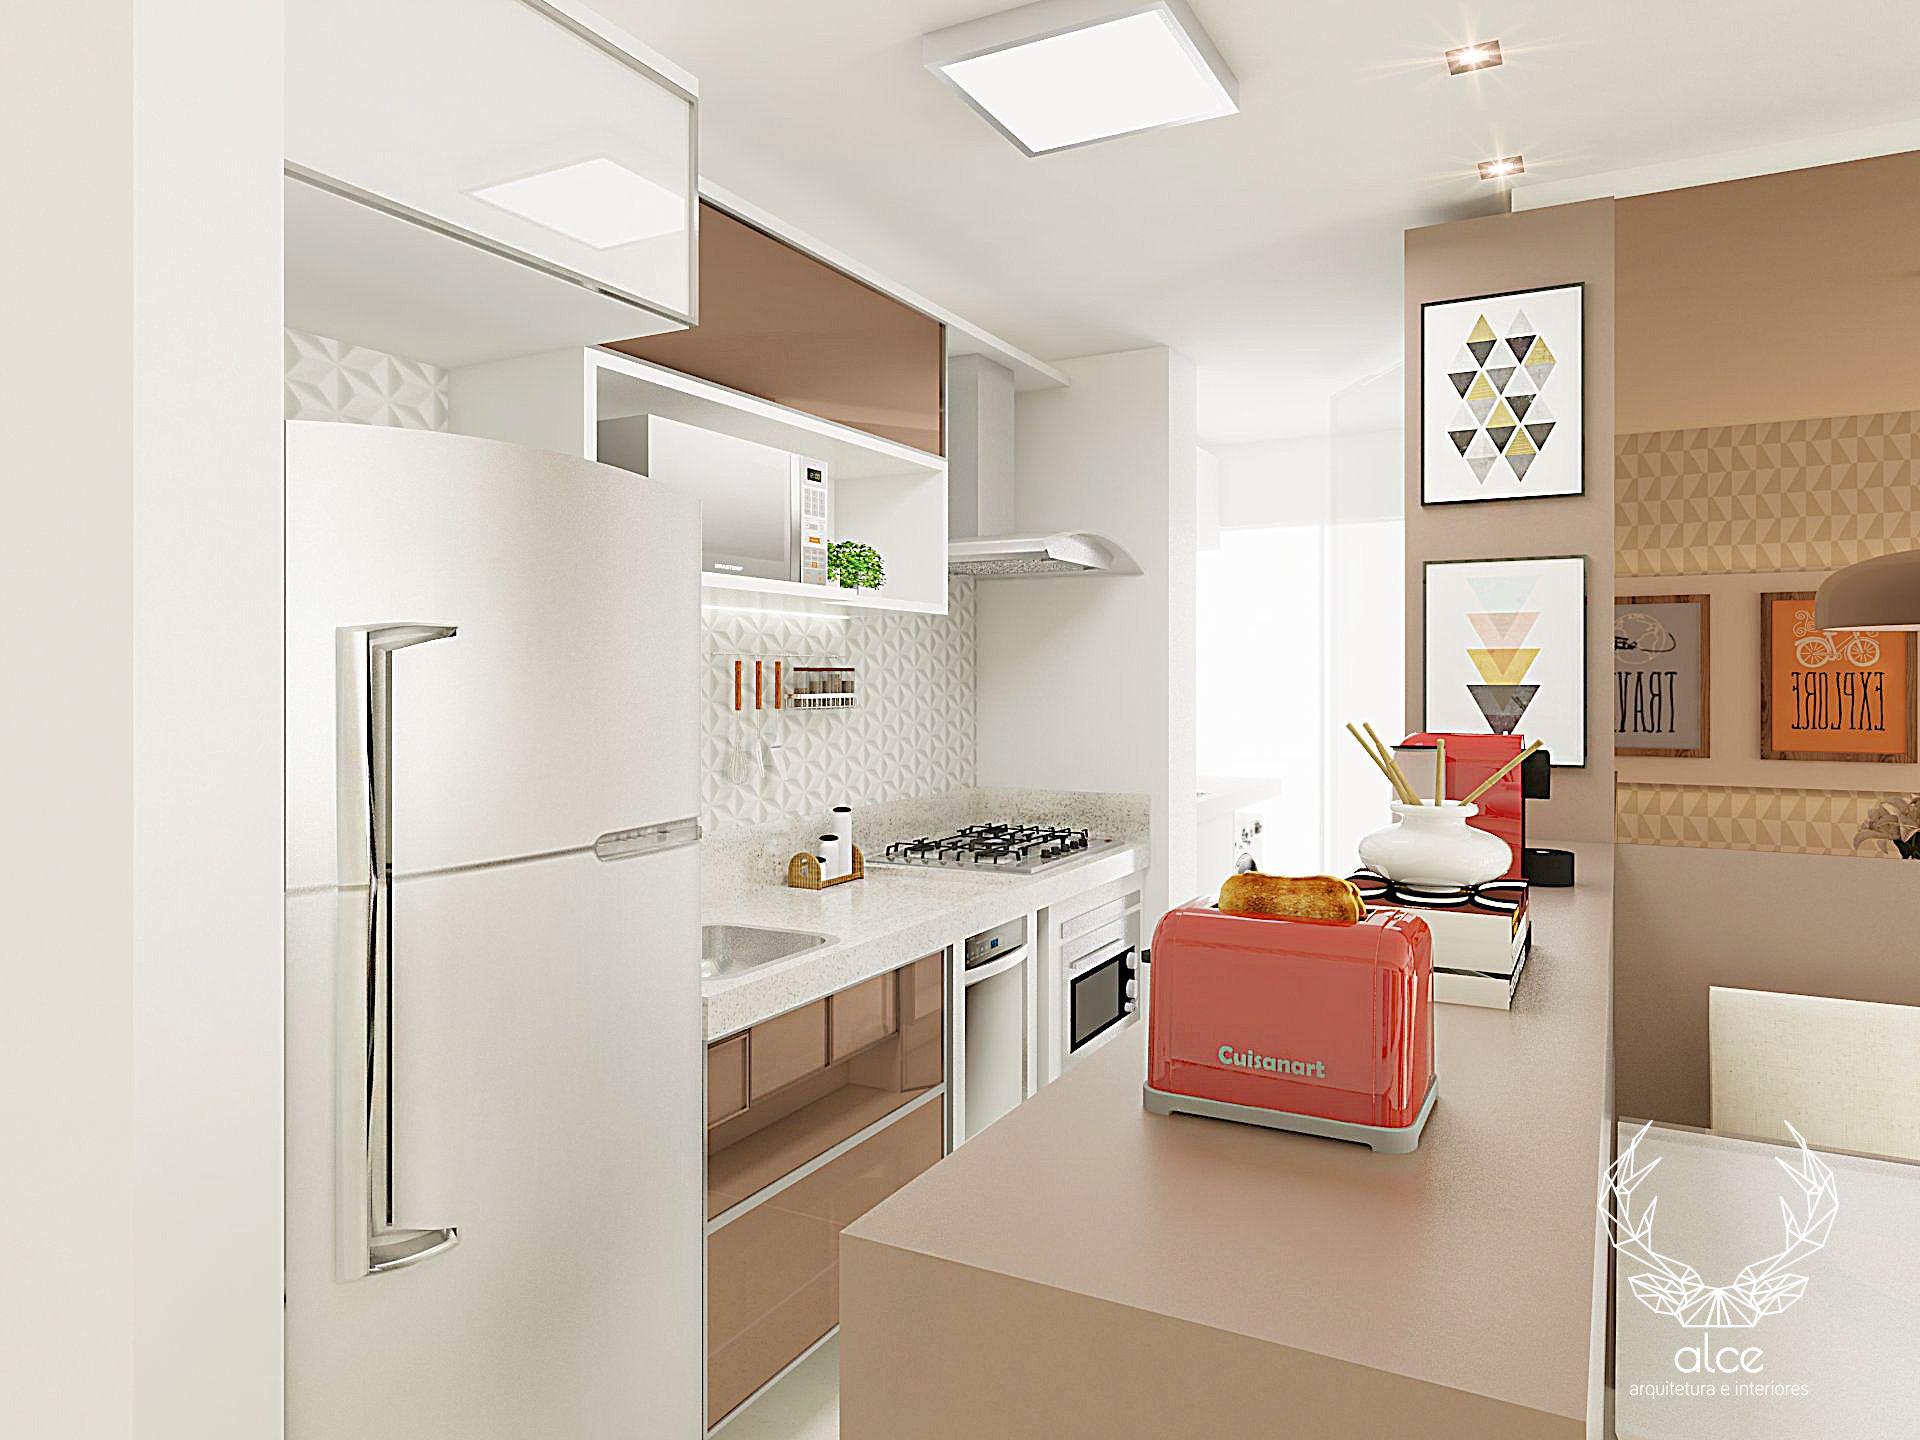 Cozinha Morumbi Apartamento Moderninho Com Cores Femininas Cozinha